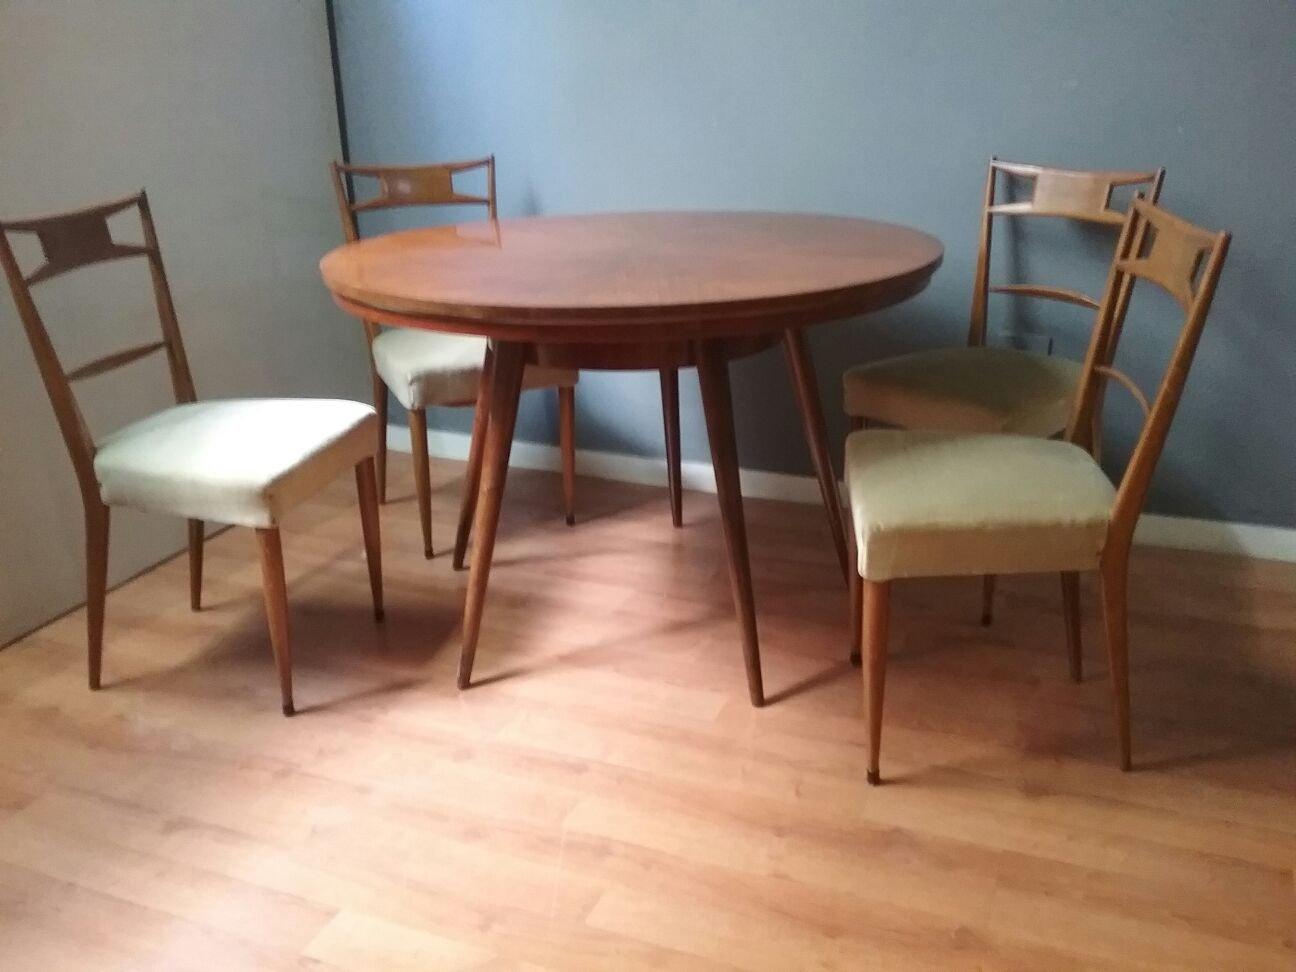 Esstisch stühle  Vintage Esstisch & Stühle, 1950er bei Pamono kaufen